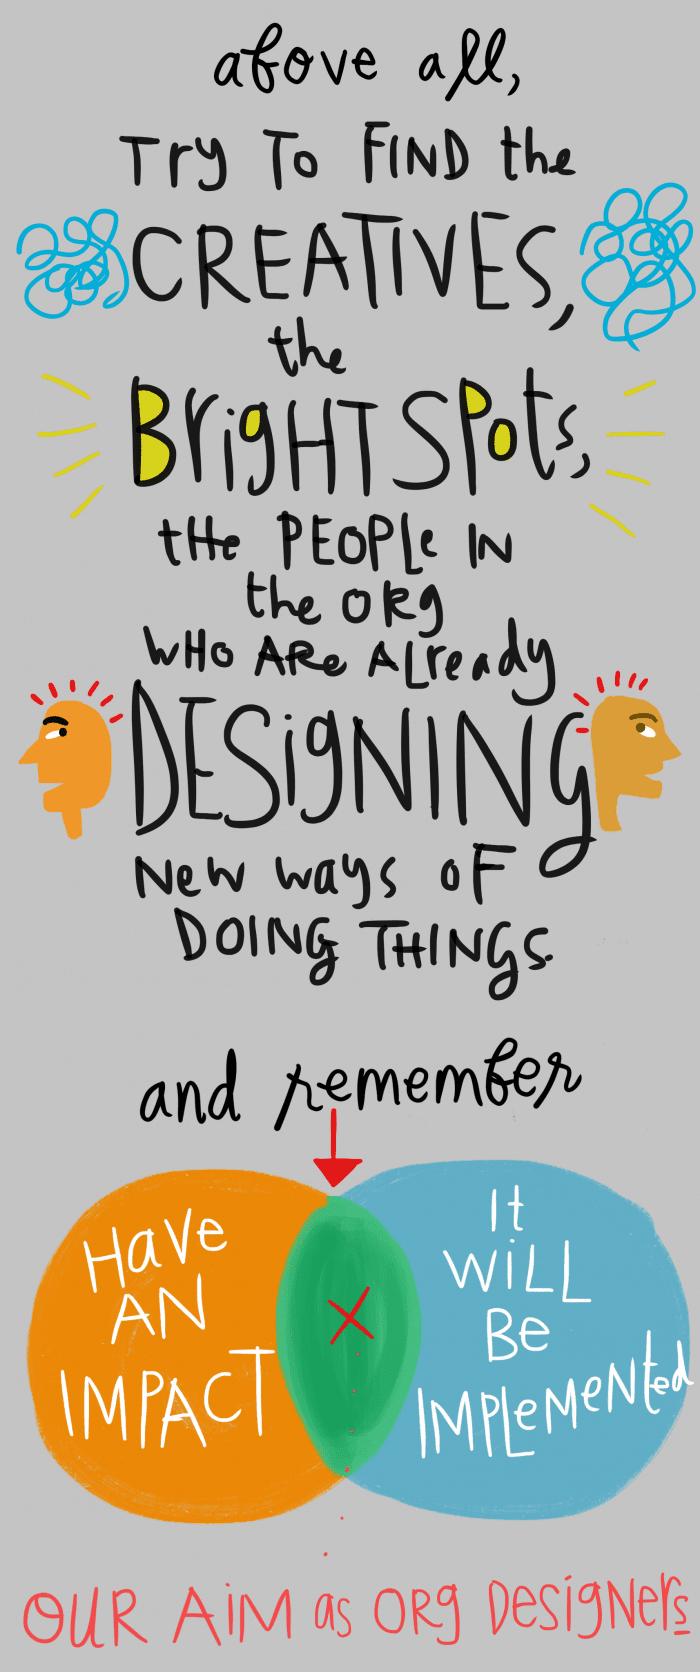 Org Design - Margaret Hagan 4